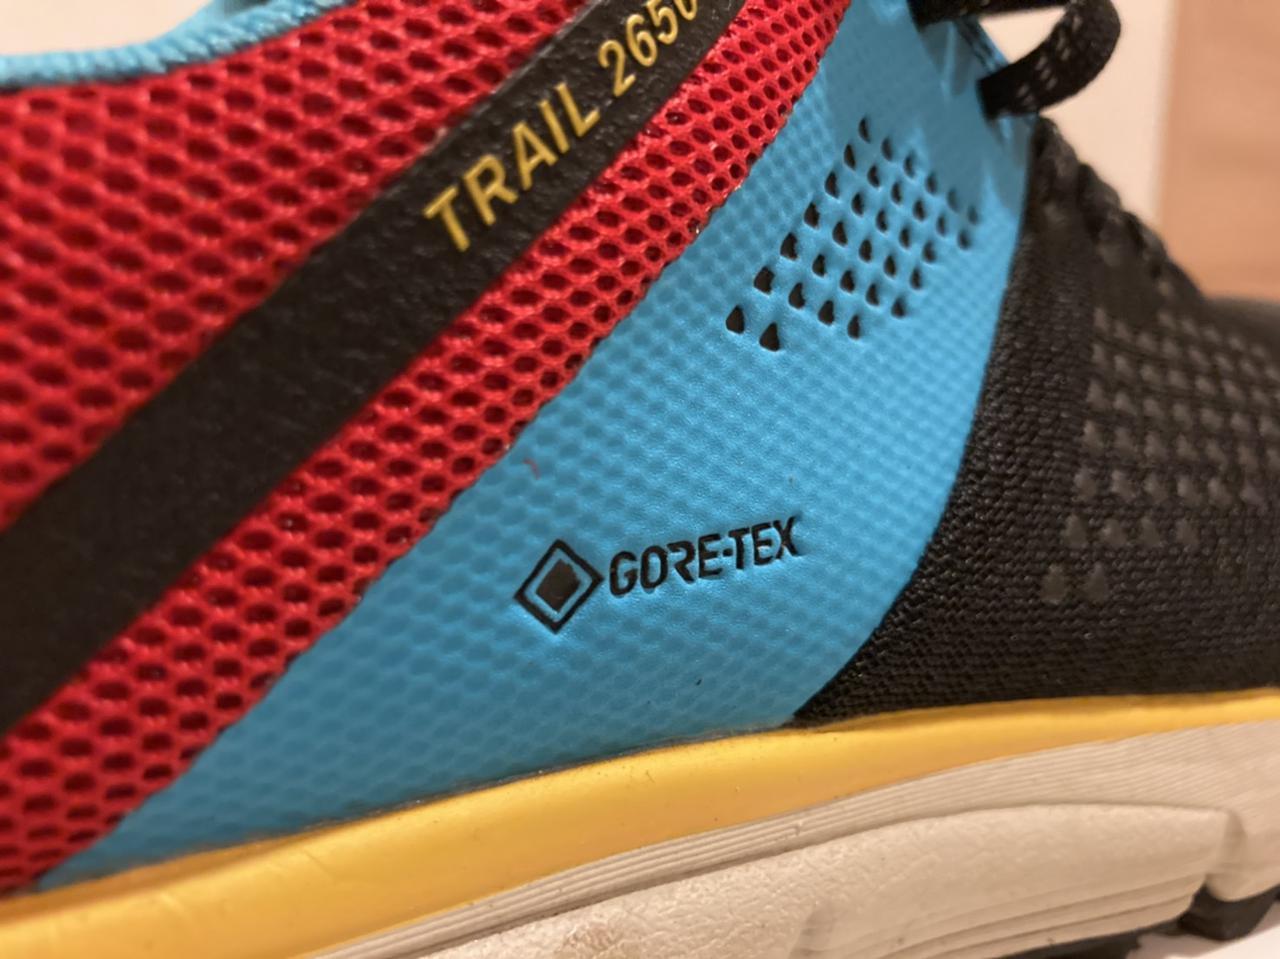 画像: 筆者の「Danner Trail 2650 GTX」にもしっかりと「GORE-TEX」ロゴが刻印されています (筆者撮影)